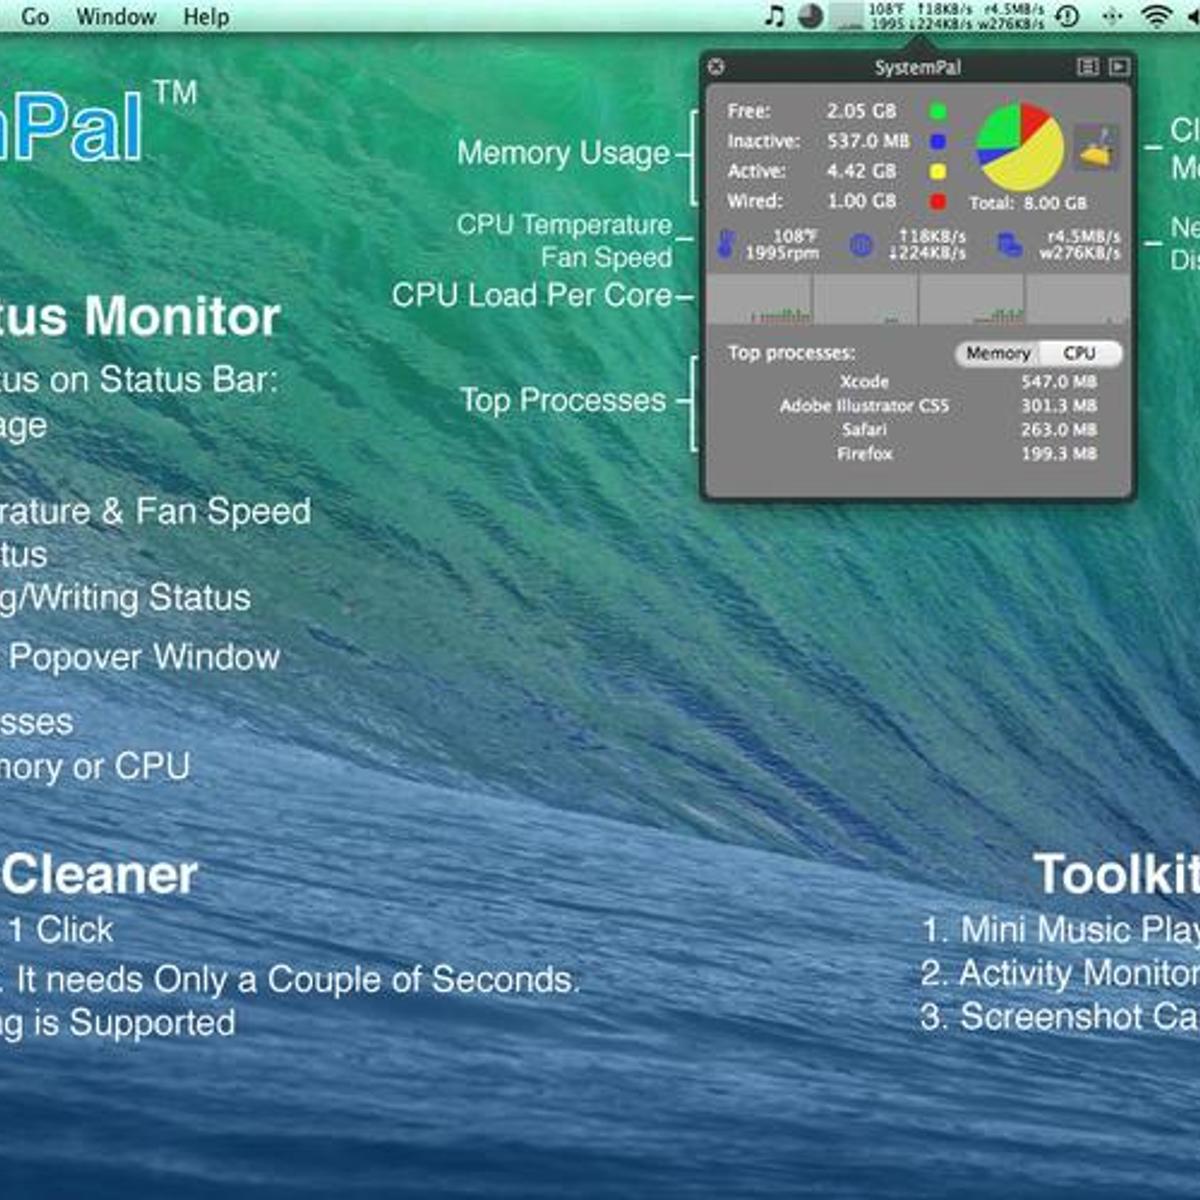 Systempal Alternatives and Similar Software - AlternativeTo net